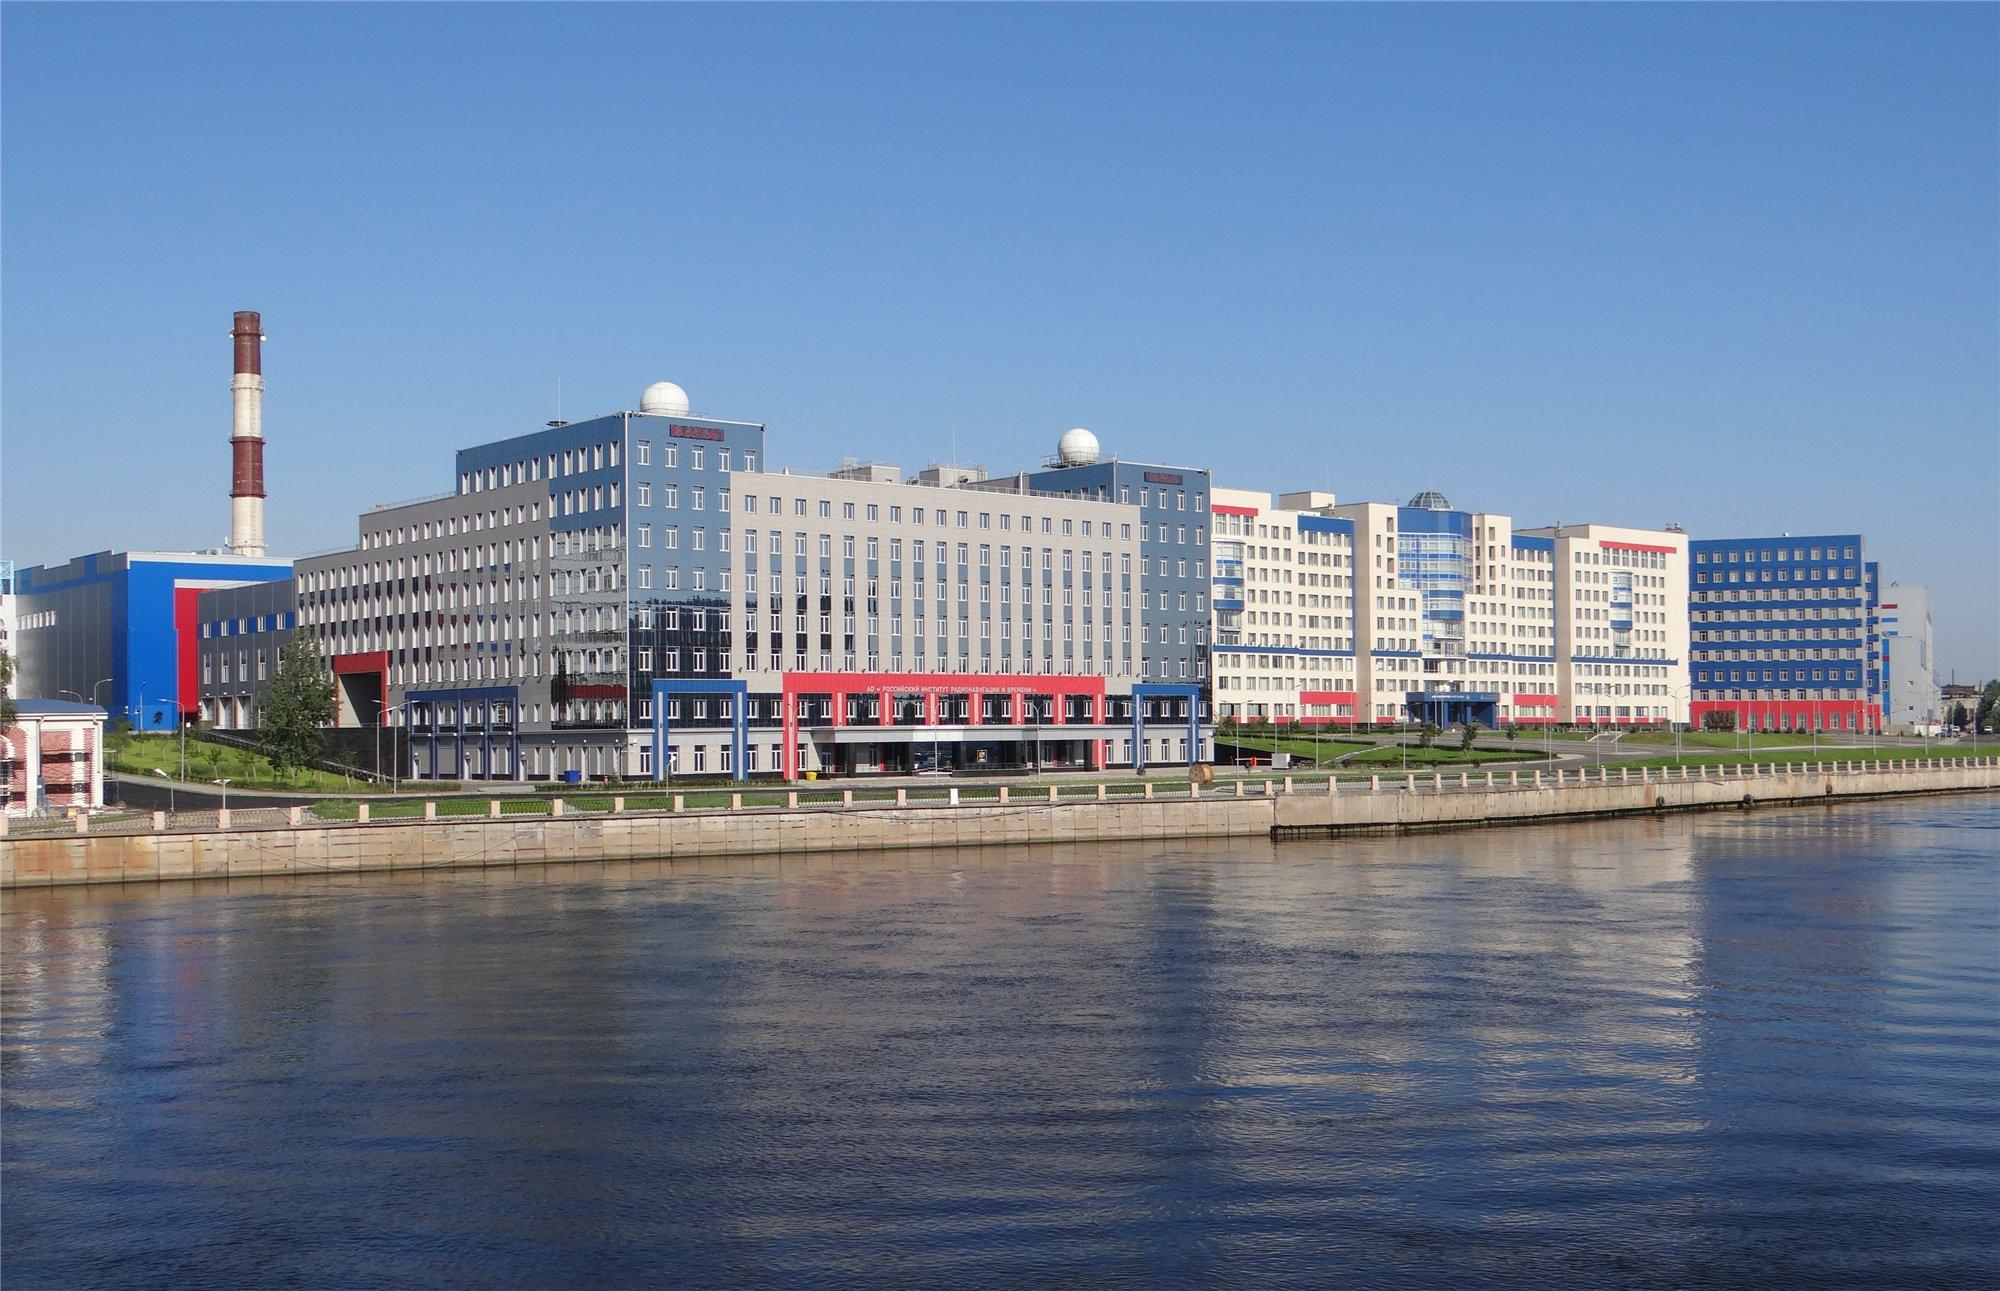 Обуховский завод в Санкт-Петербурге отметит 155-летний юбилей